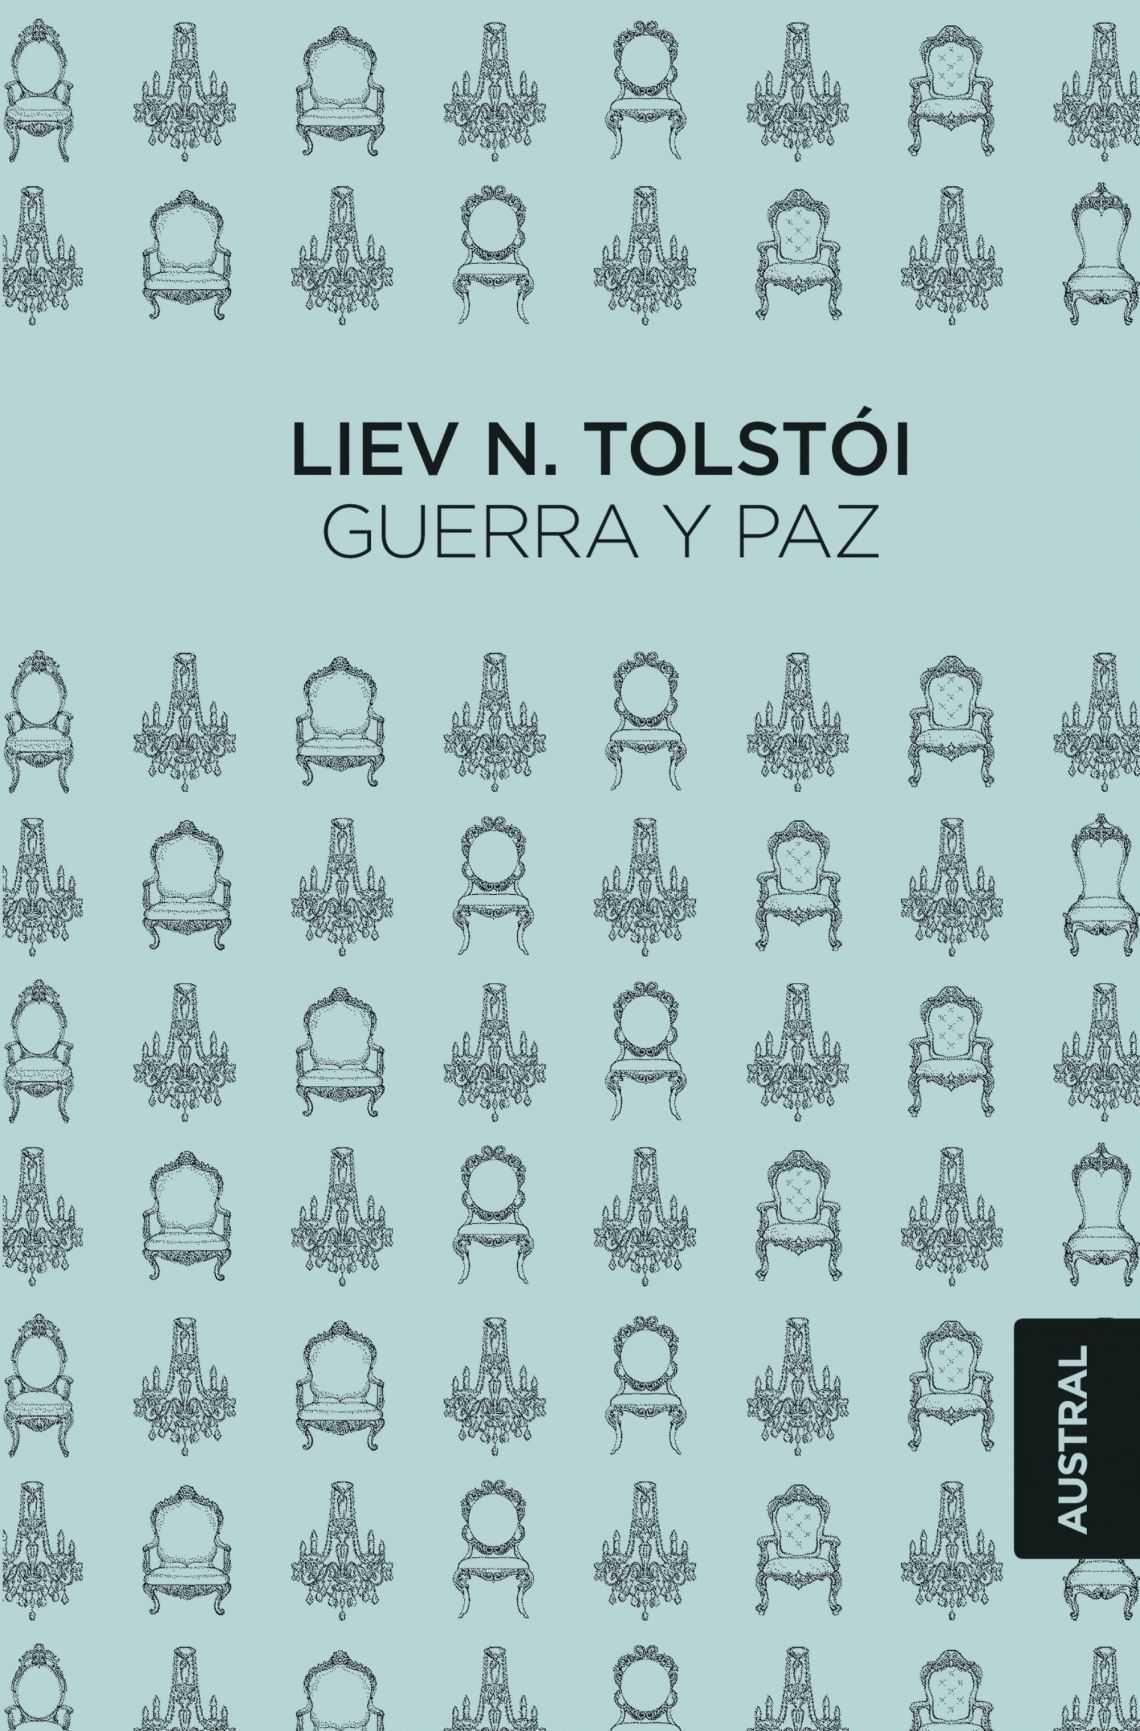 5 anécdotas sobre Tolstói, hoy que cumpliría 190 años_guerra_y_paz